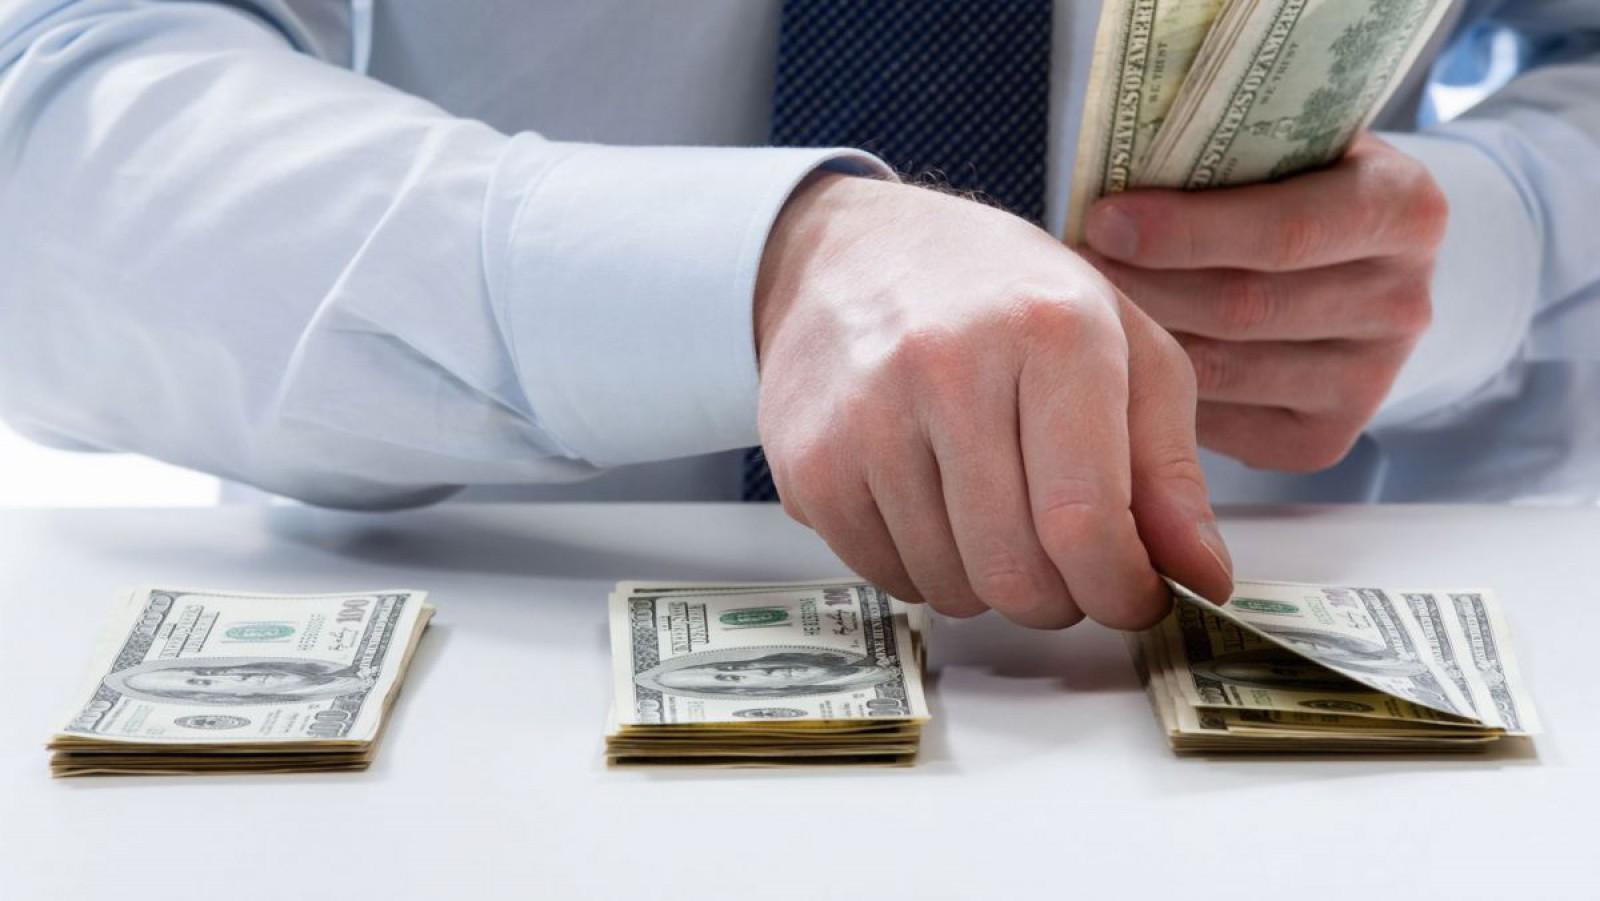 Autoritățile arată că au recuperat miliardul, doar că în lei